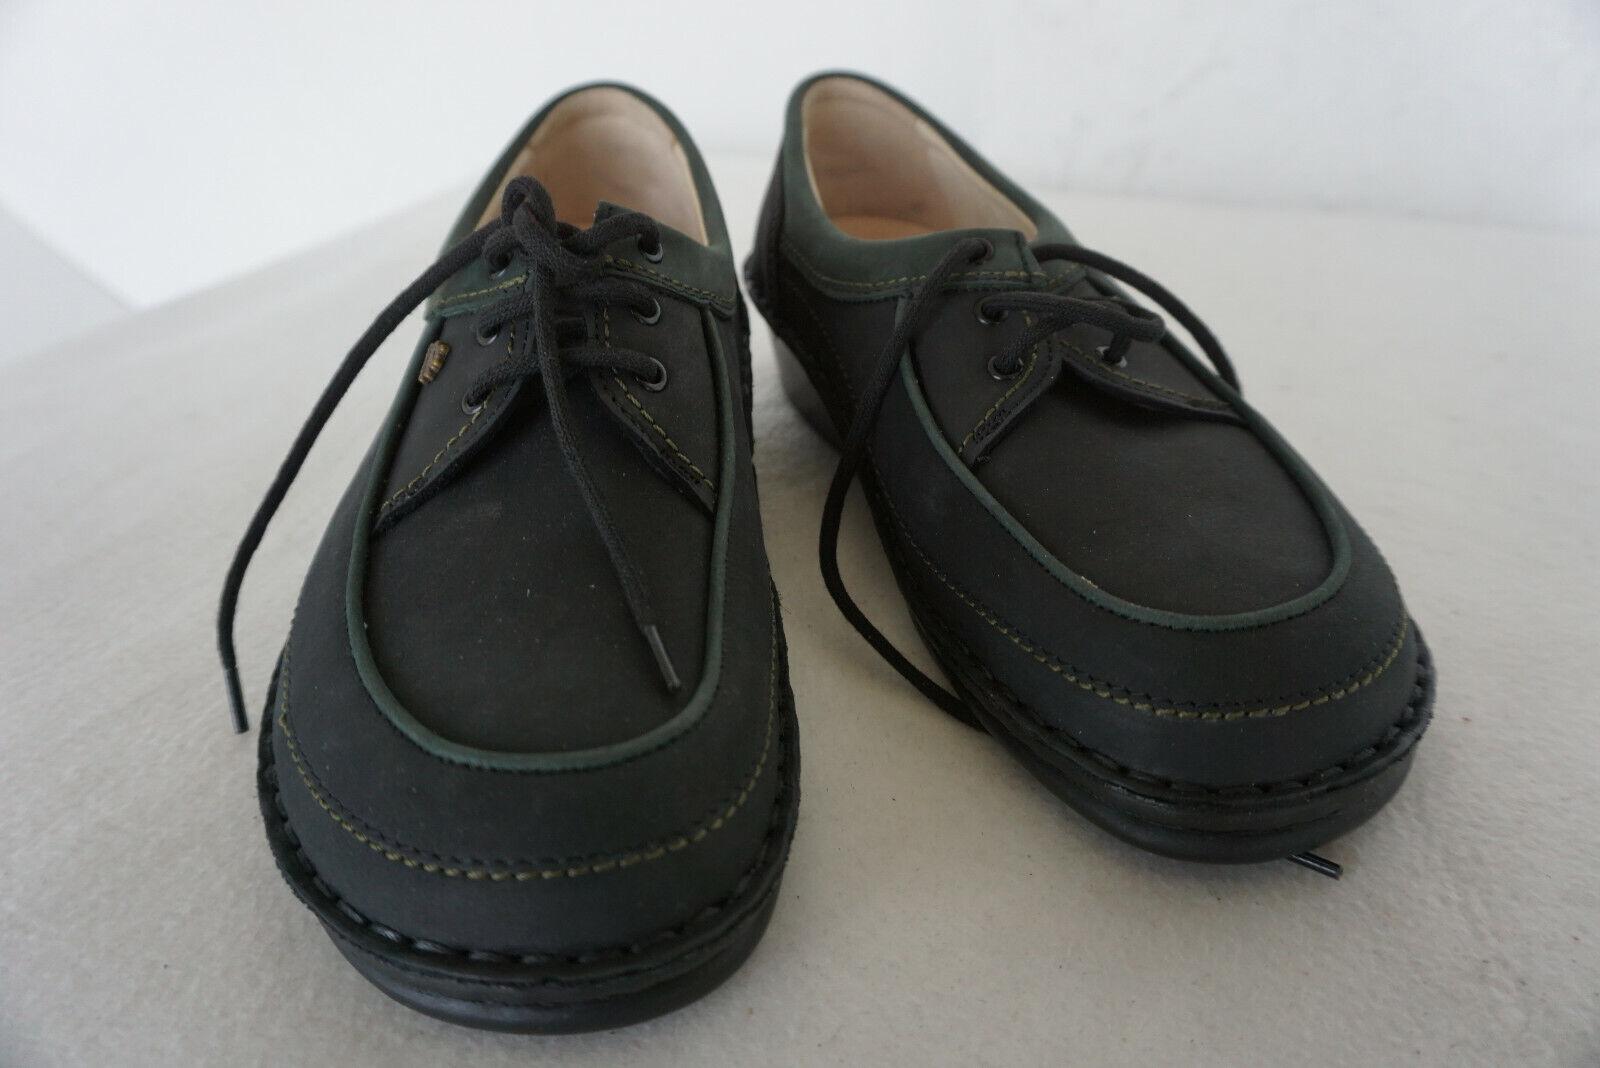 FINN COMFORT Berlin Damen Schuhe Schnürschuhe Einlagen Gr.37 Schwarz Leder NEU